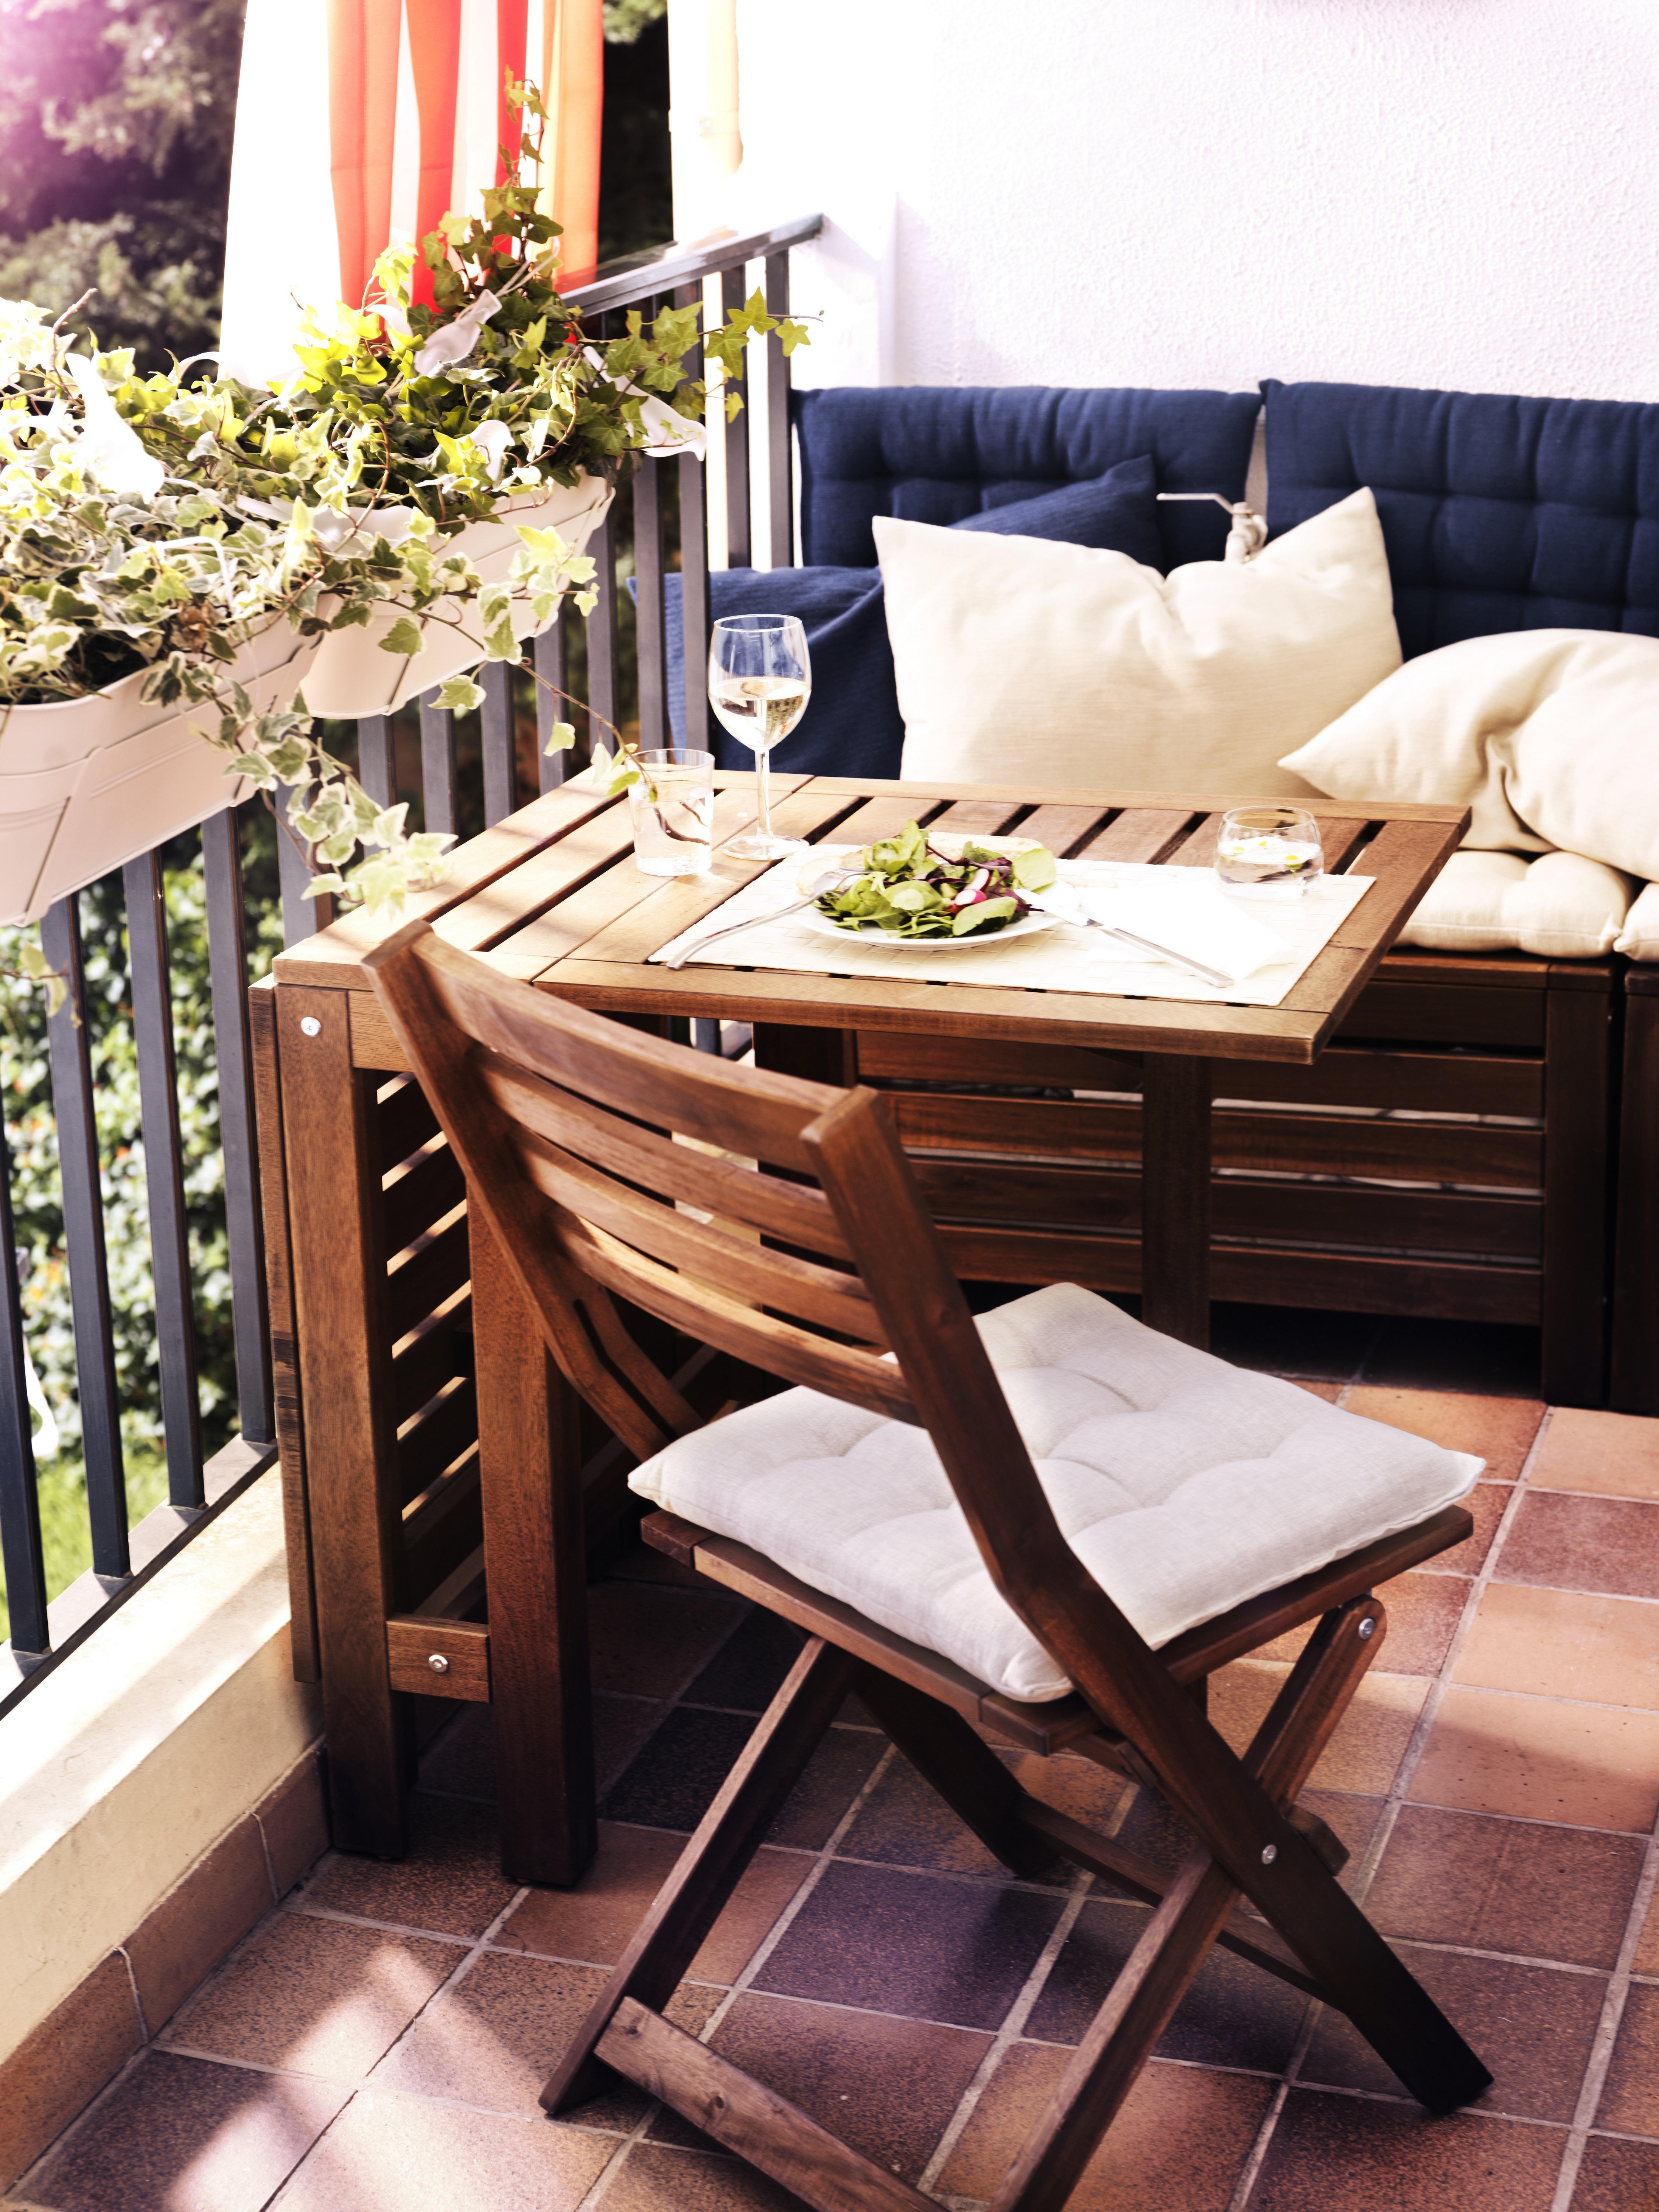 Tavolino Per Balcone Ikea tavolini piccoli per il balcone, per una colazione all